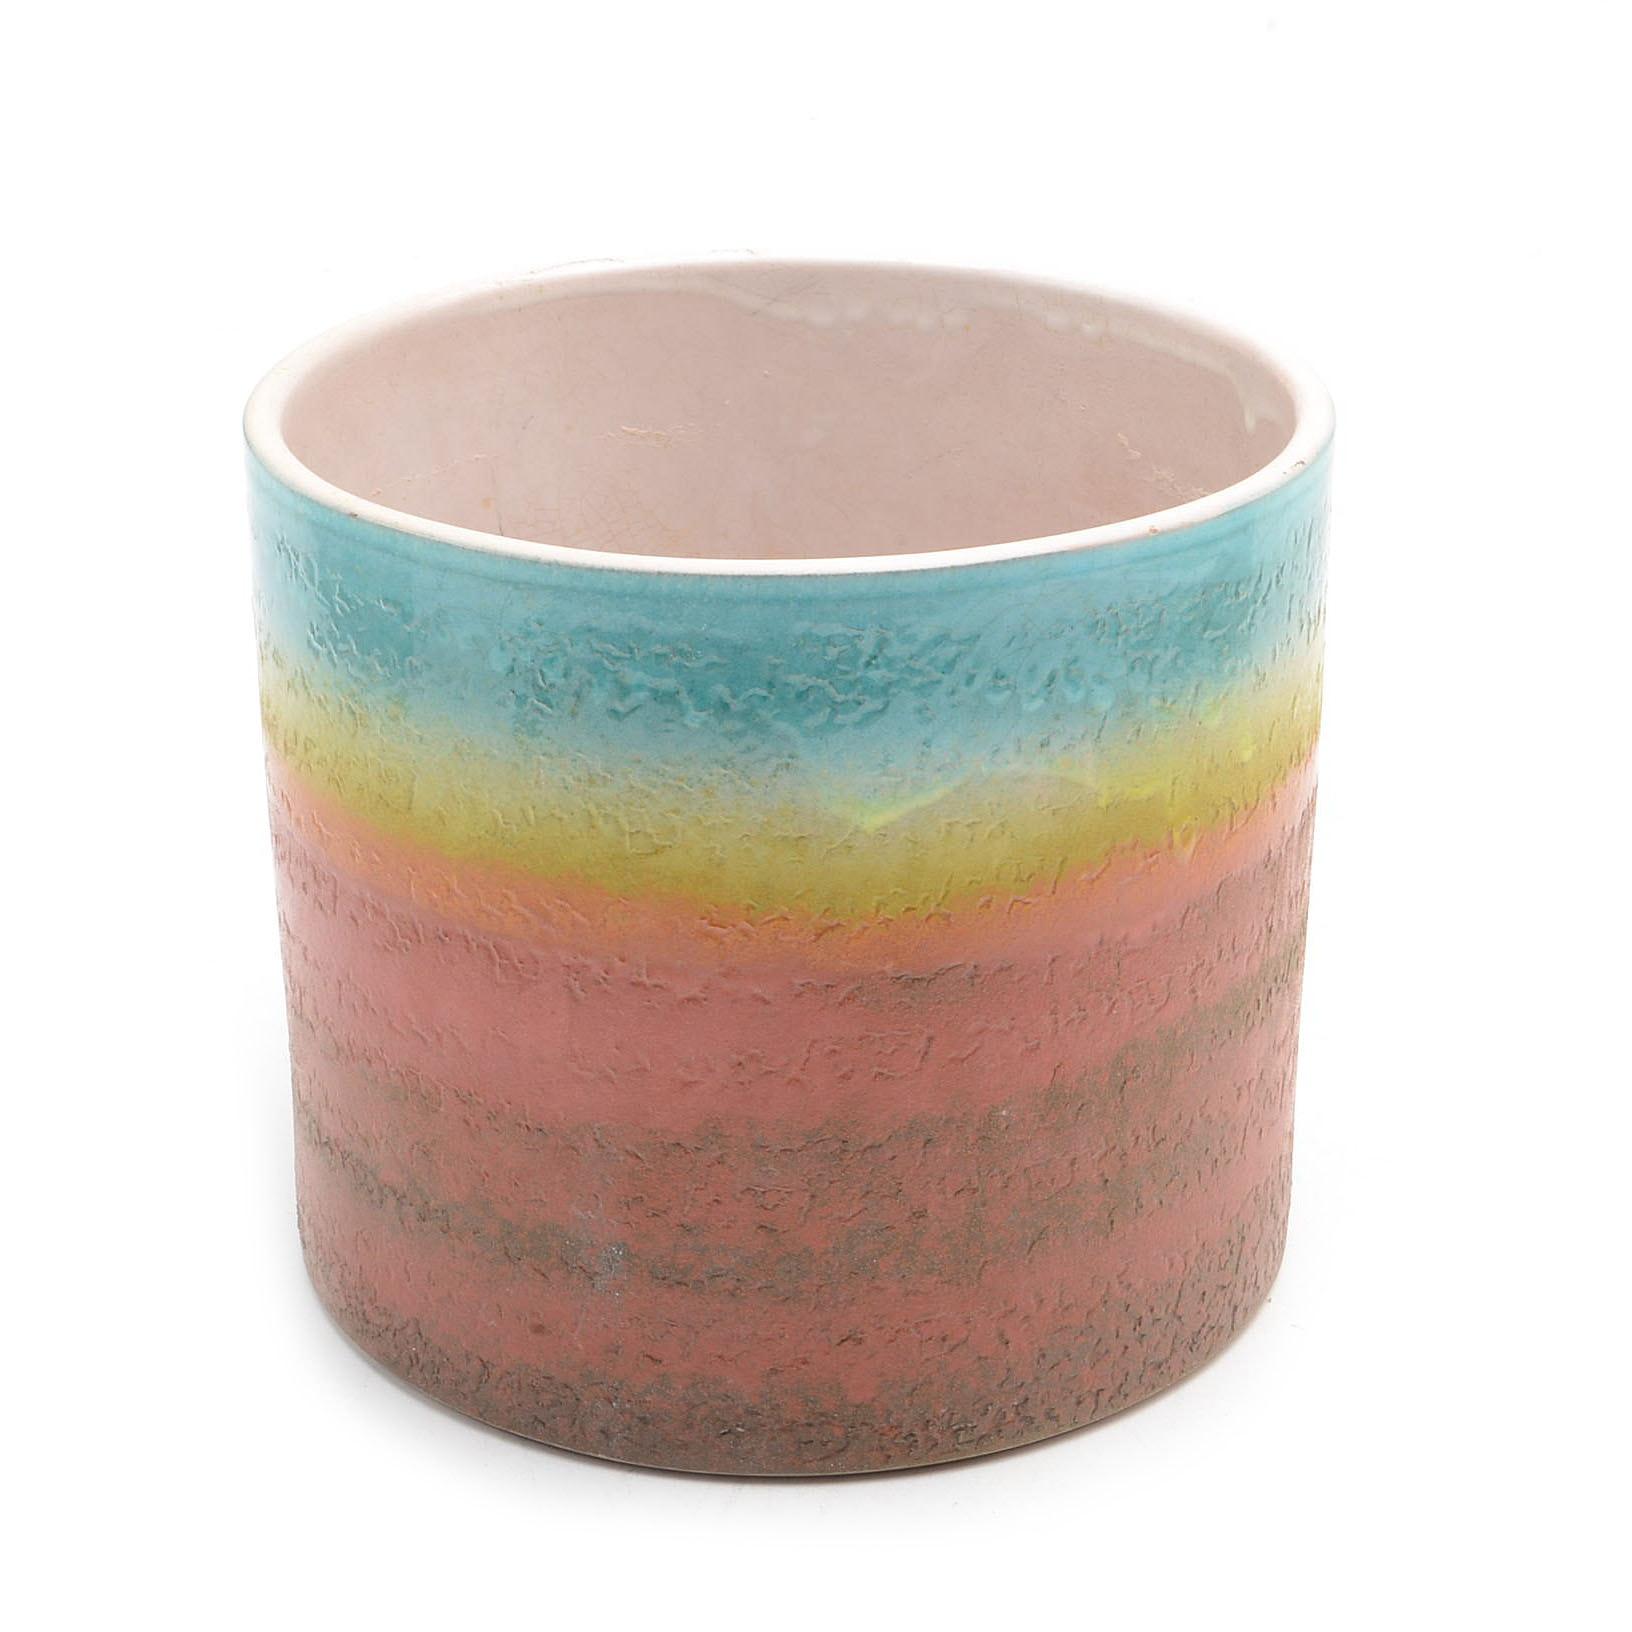 Vintage Italian Ceramic Crock